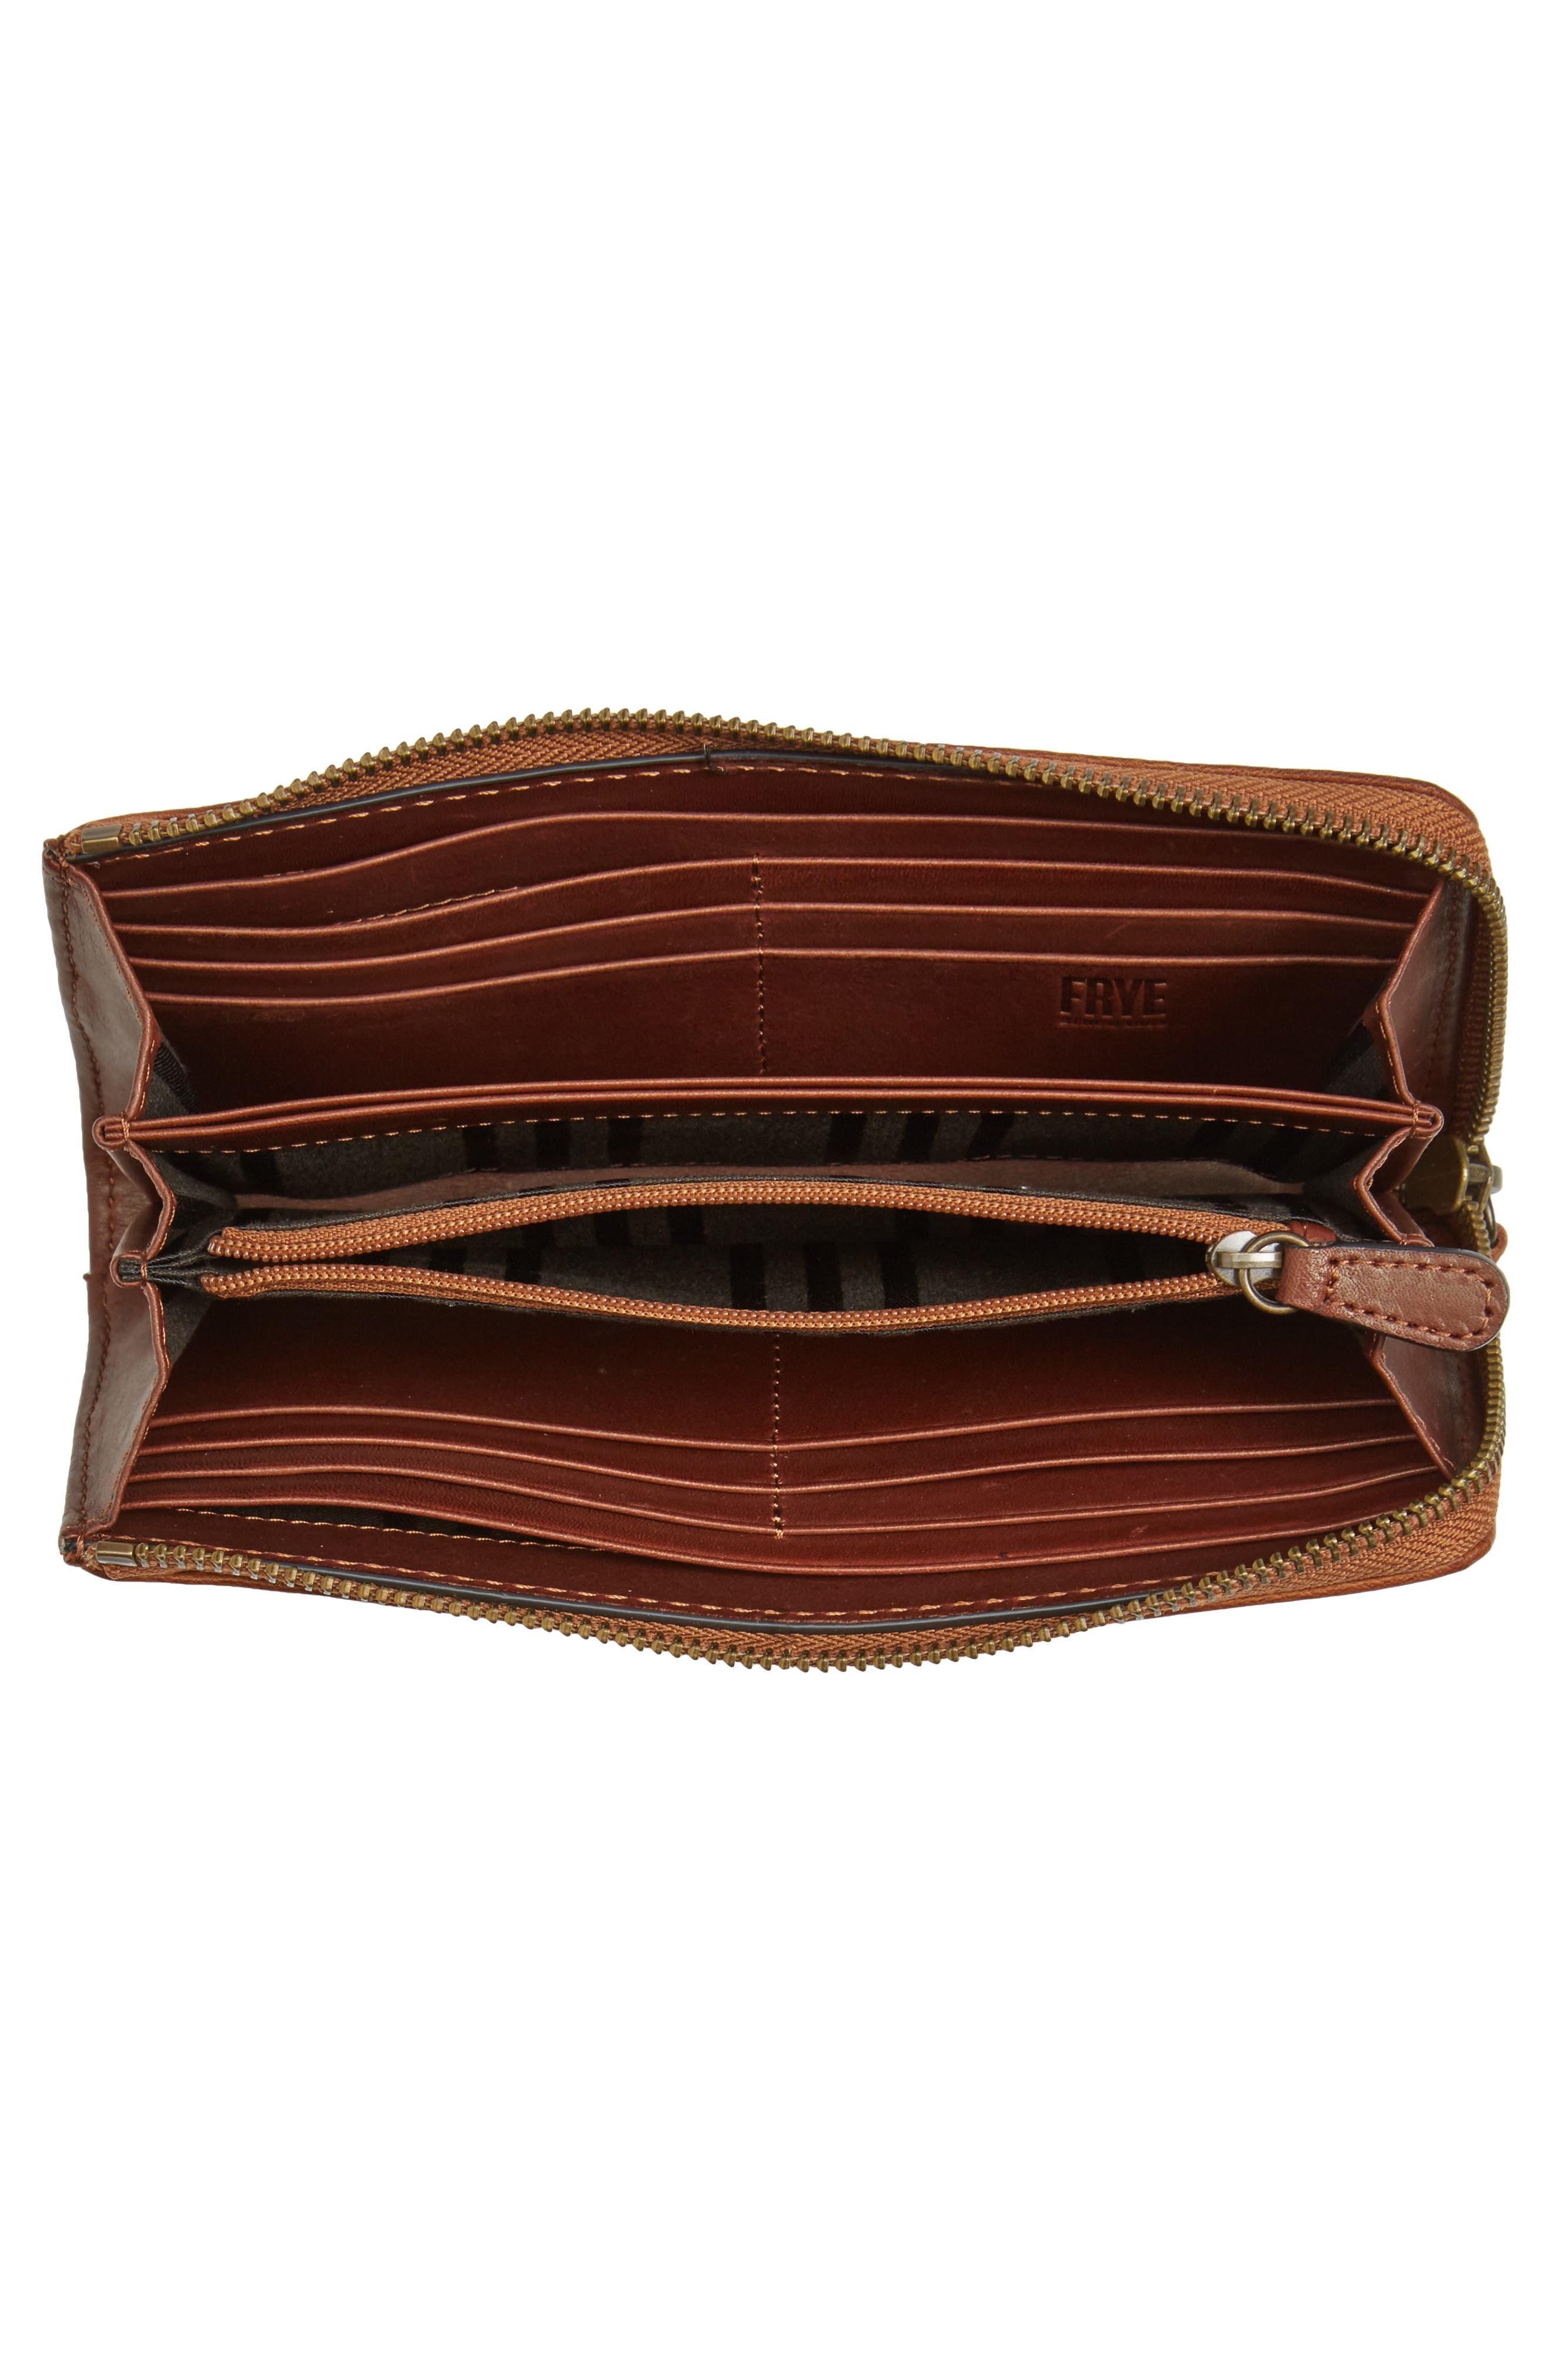 Melissa Leather Wallet,                             Alternate thumbnail 2, color,                             Cognac